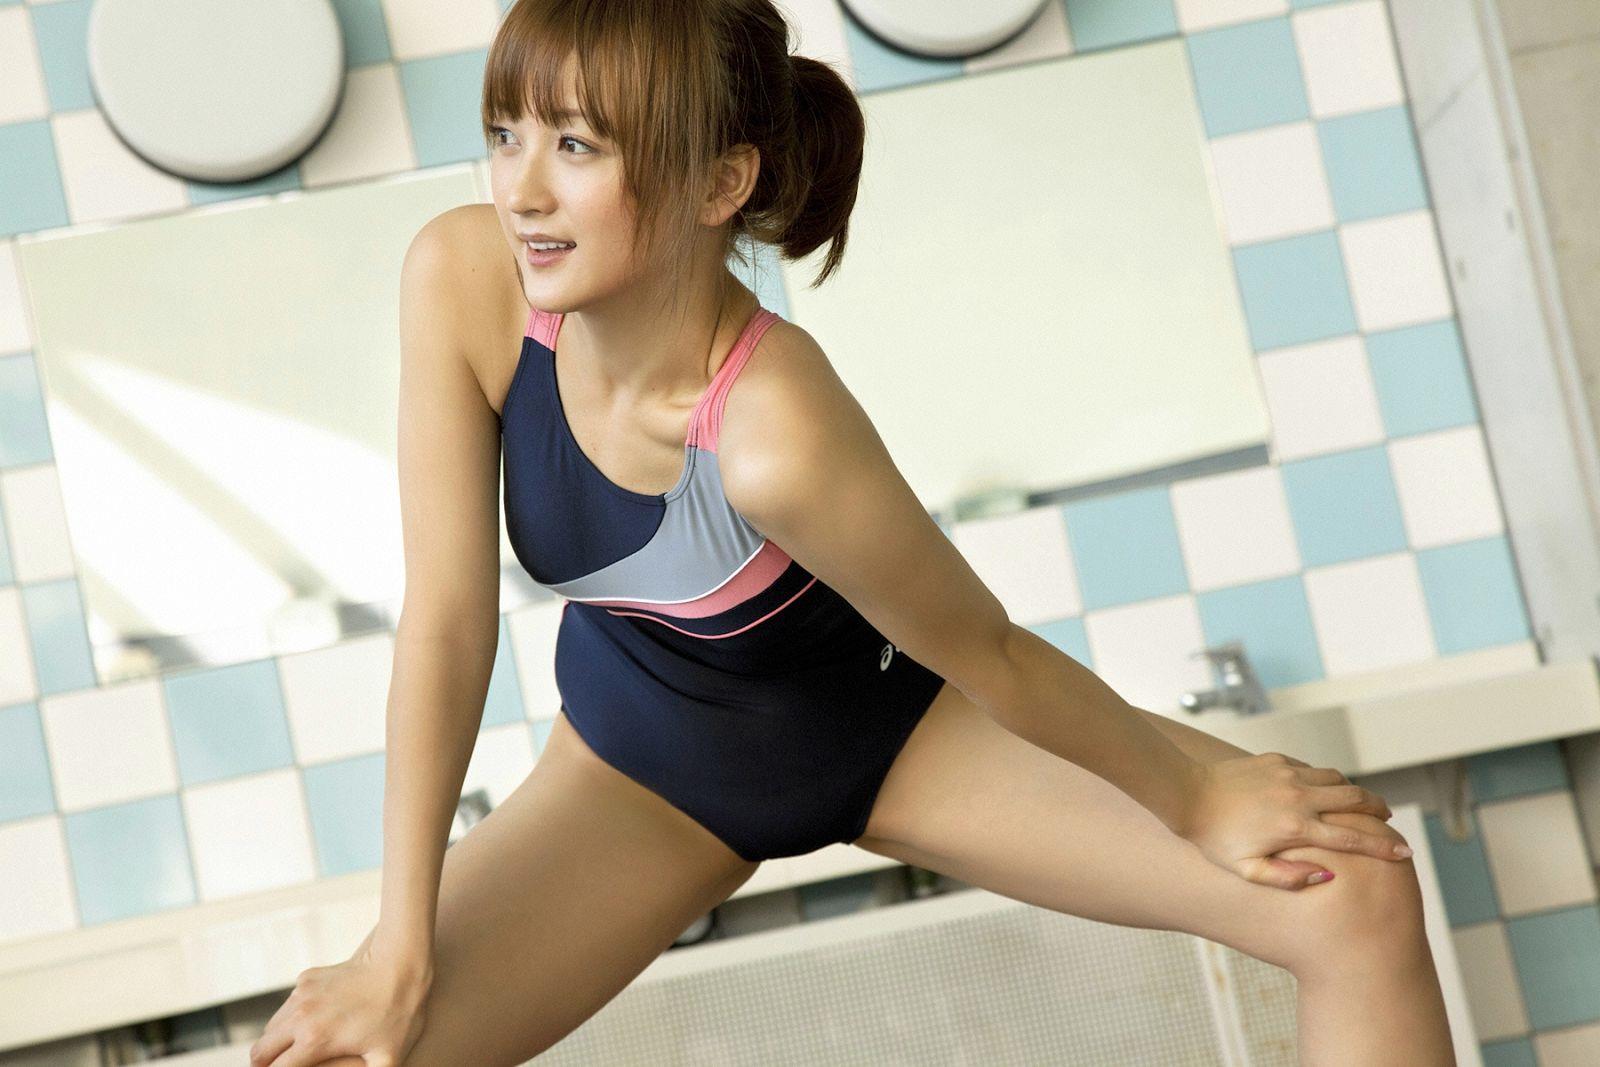 小松彩夏 画像 106